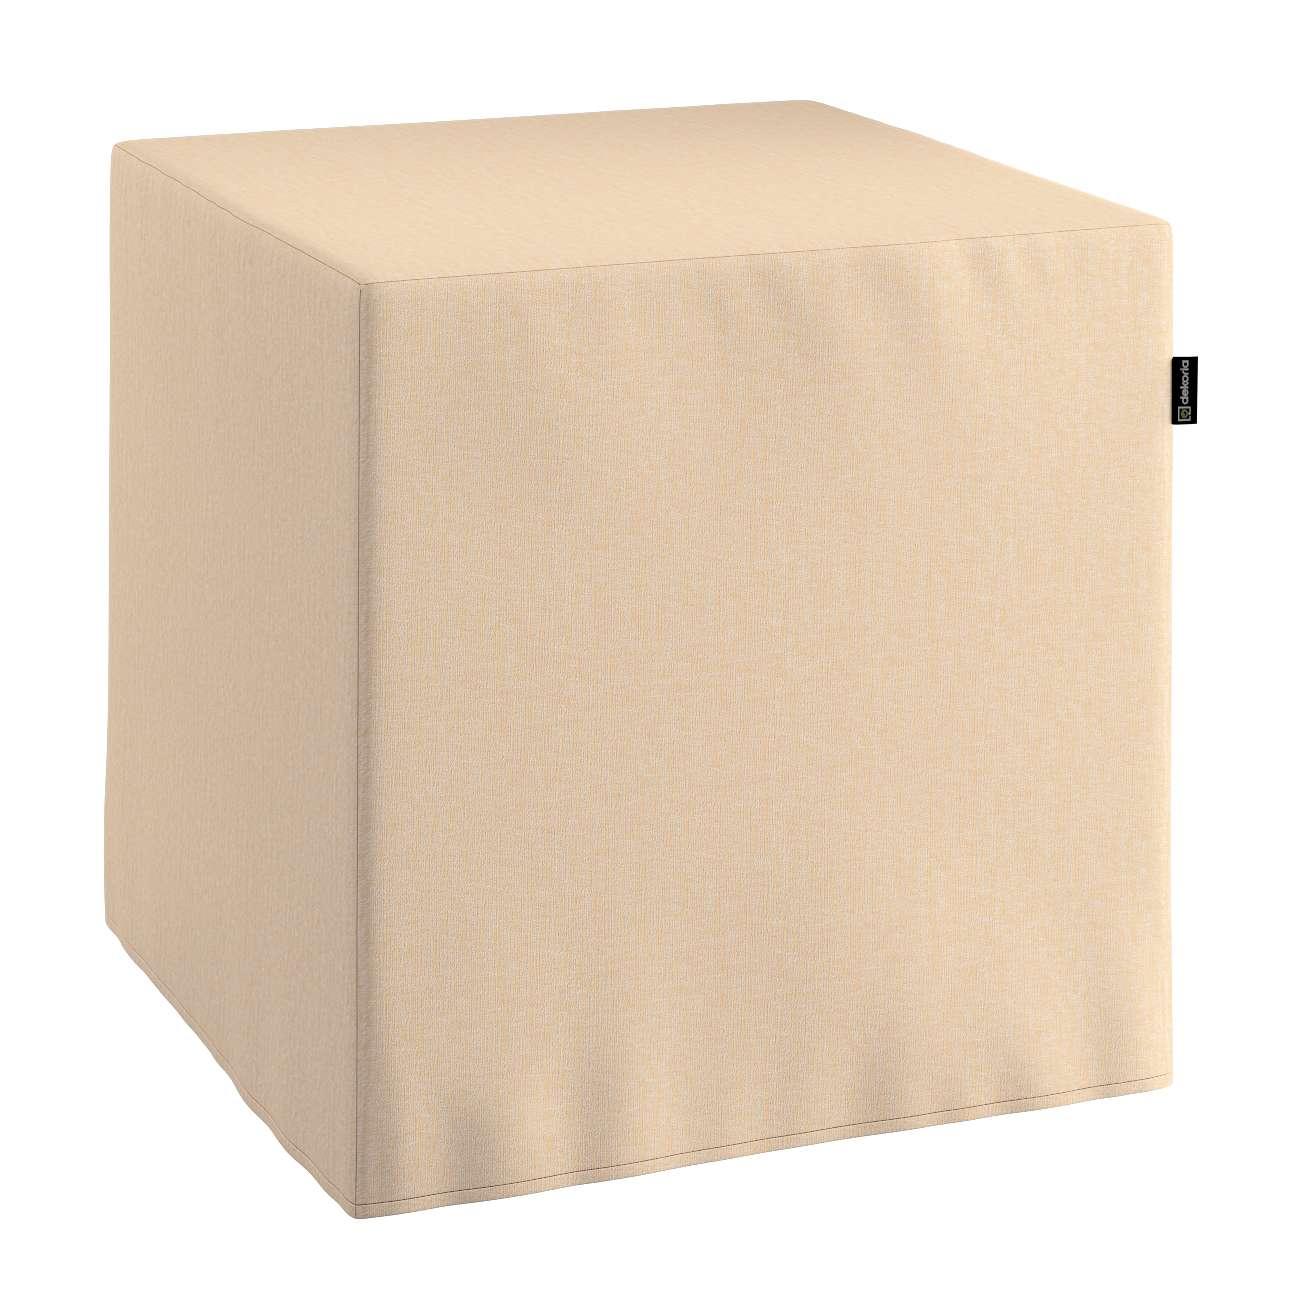 Sitzwürfel, vanille, 40 × 40 × 40 cm, Chenille    Wohnzimmer > Hocker & Poufs > Sitzwürfel   Dekoria